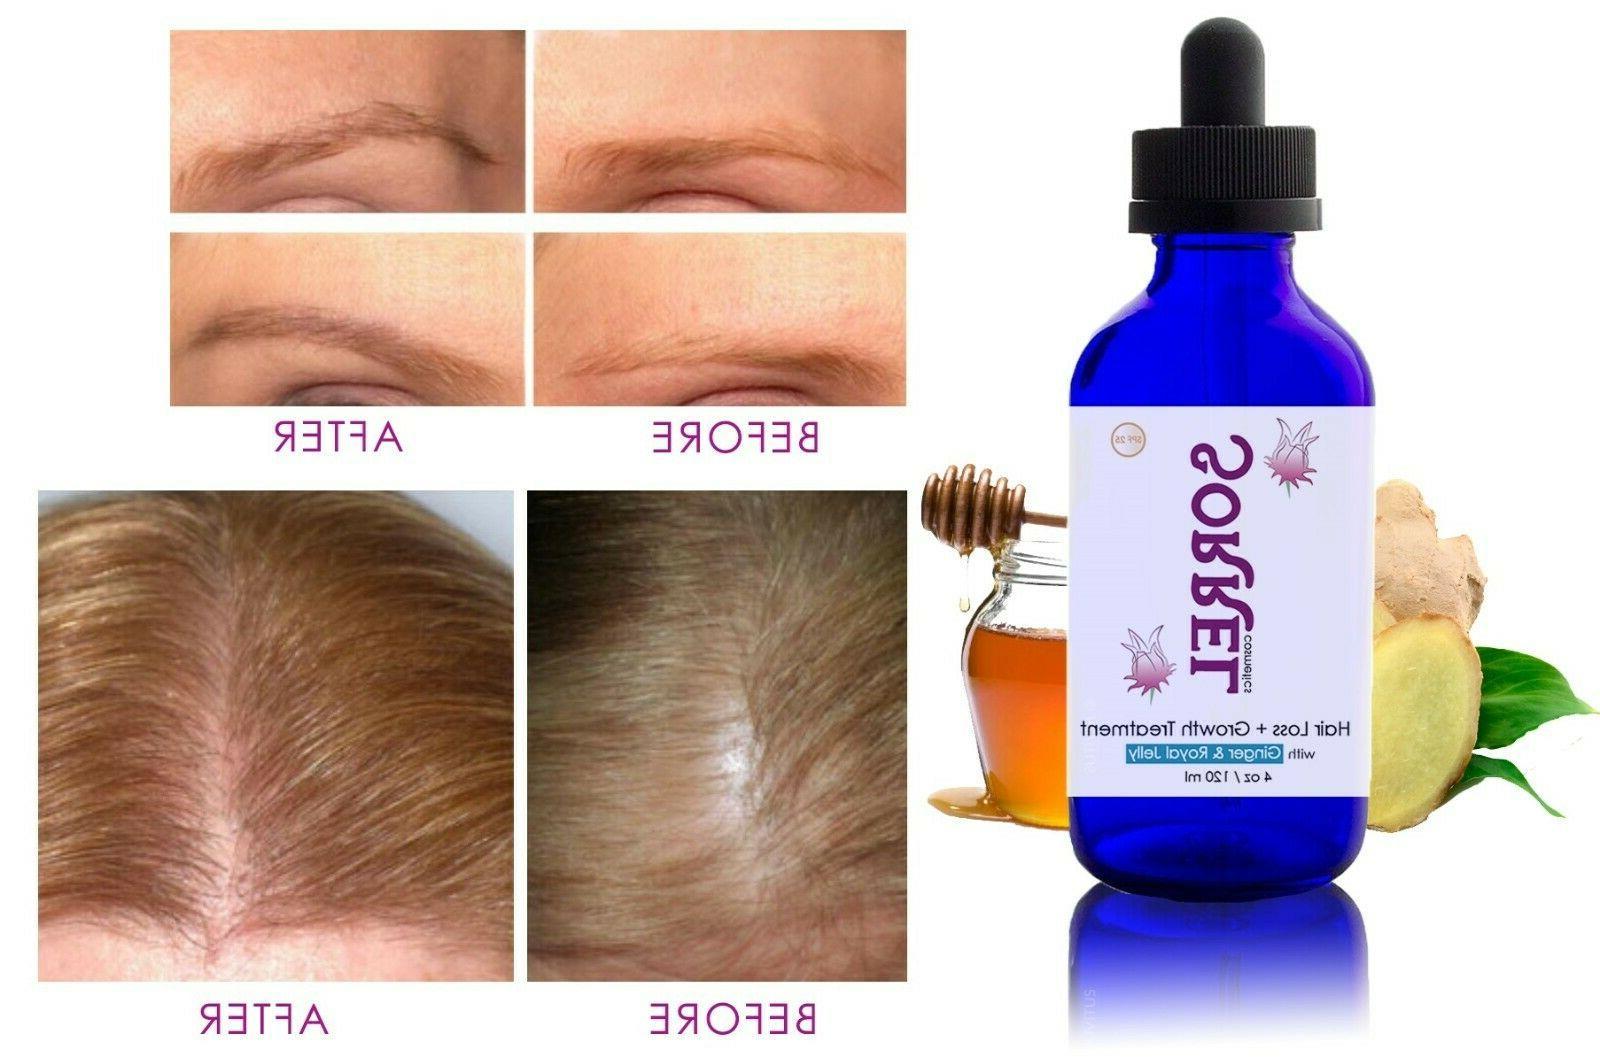 Anti Hair Loss Growth Treatment Dropper Women Men 4oz Thinni